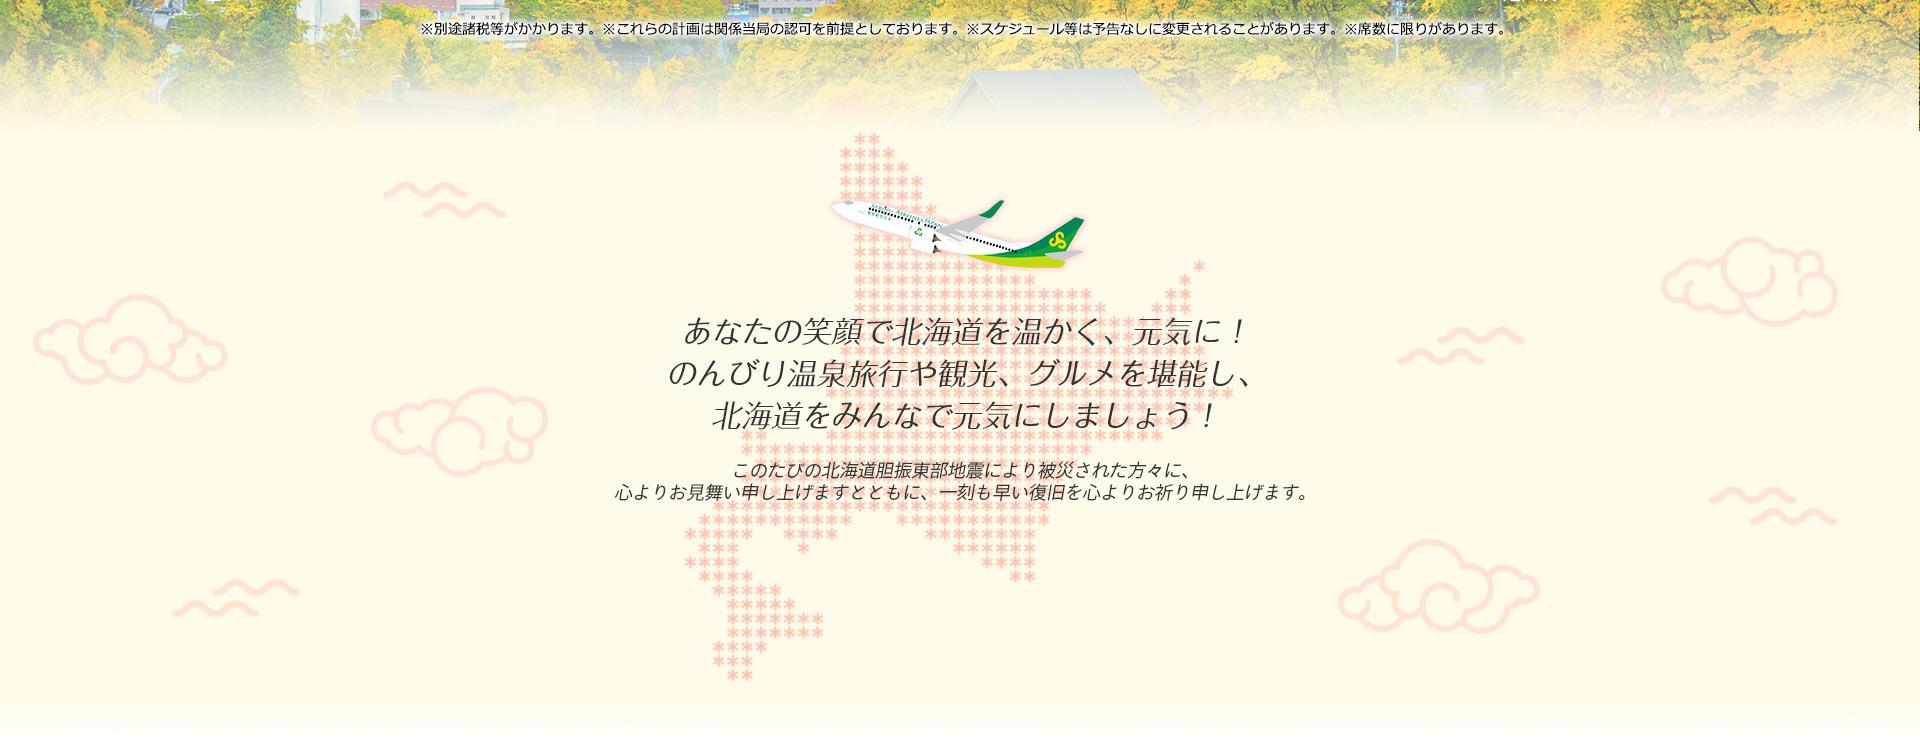 北海道応援セール-spring japan